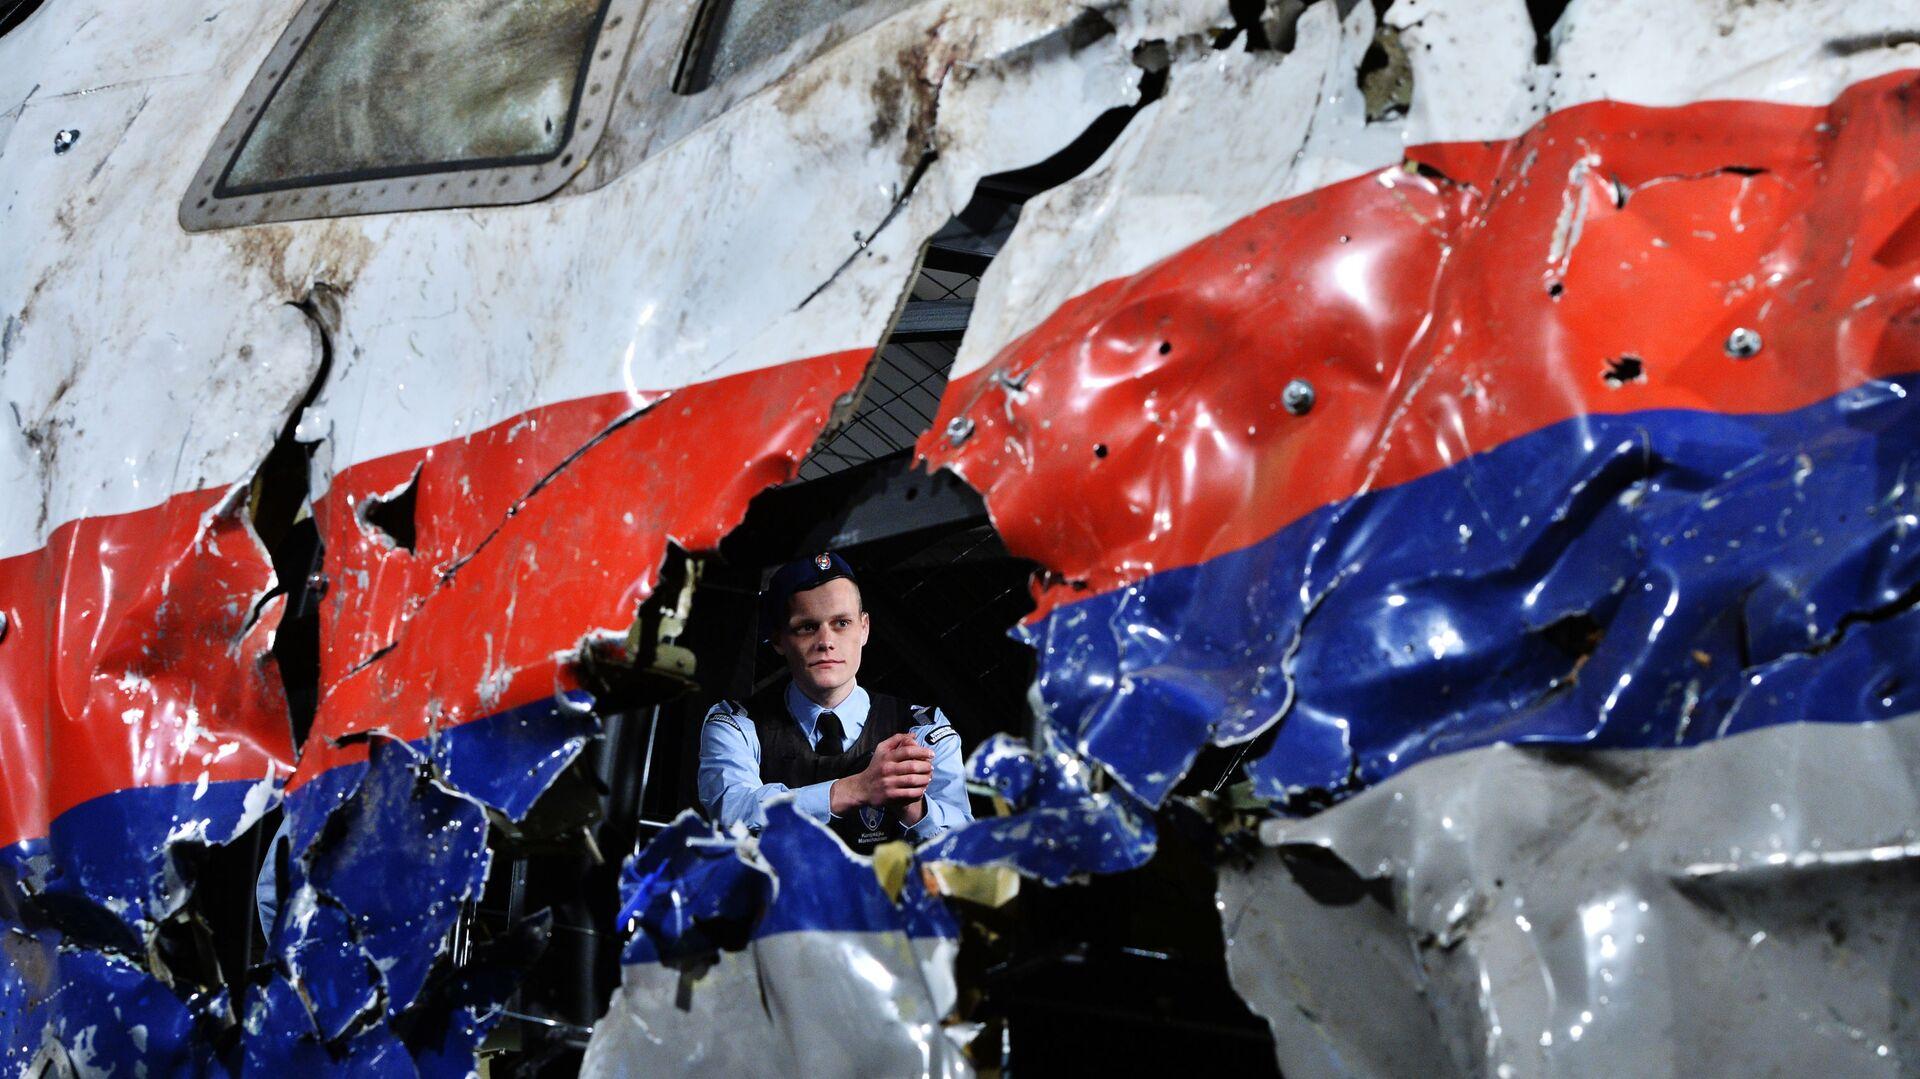 Реконструкция крушения лайнера Boeing 777 Malaysia Airlines (рейс MH17) на Востоке Украины 17 июля 2014 года на военной базе Гилзе-Рейен в Нидерландах - Sputnik International, 1920, 24.09.2021